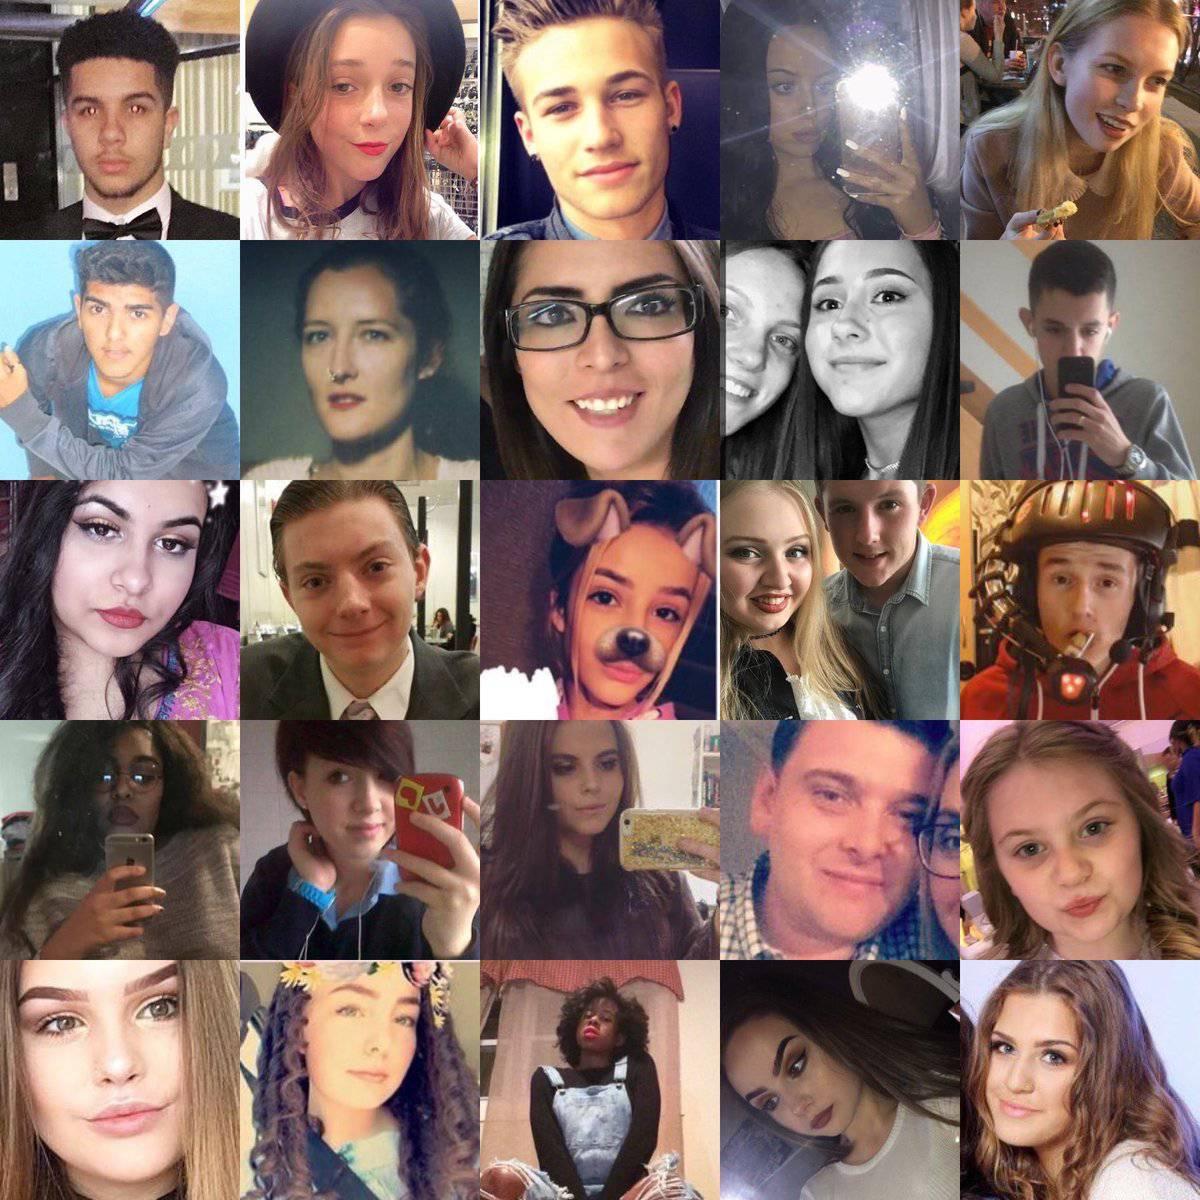 Terrore al concerto a Manchester: tra i morti anche bambini e adolescenti